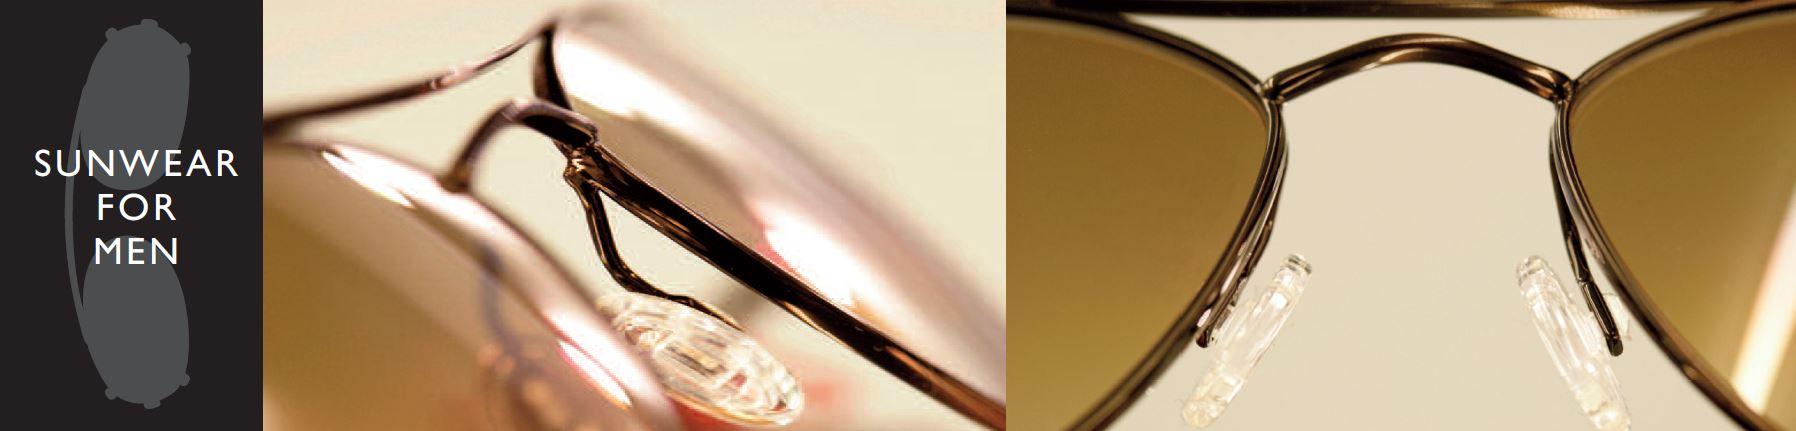 Sunware for Men- Grand Central Optical